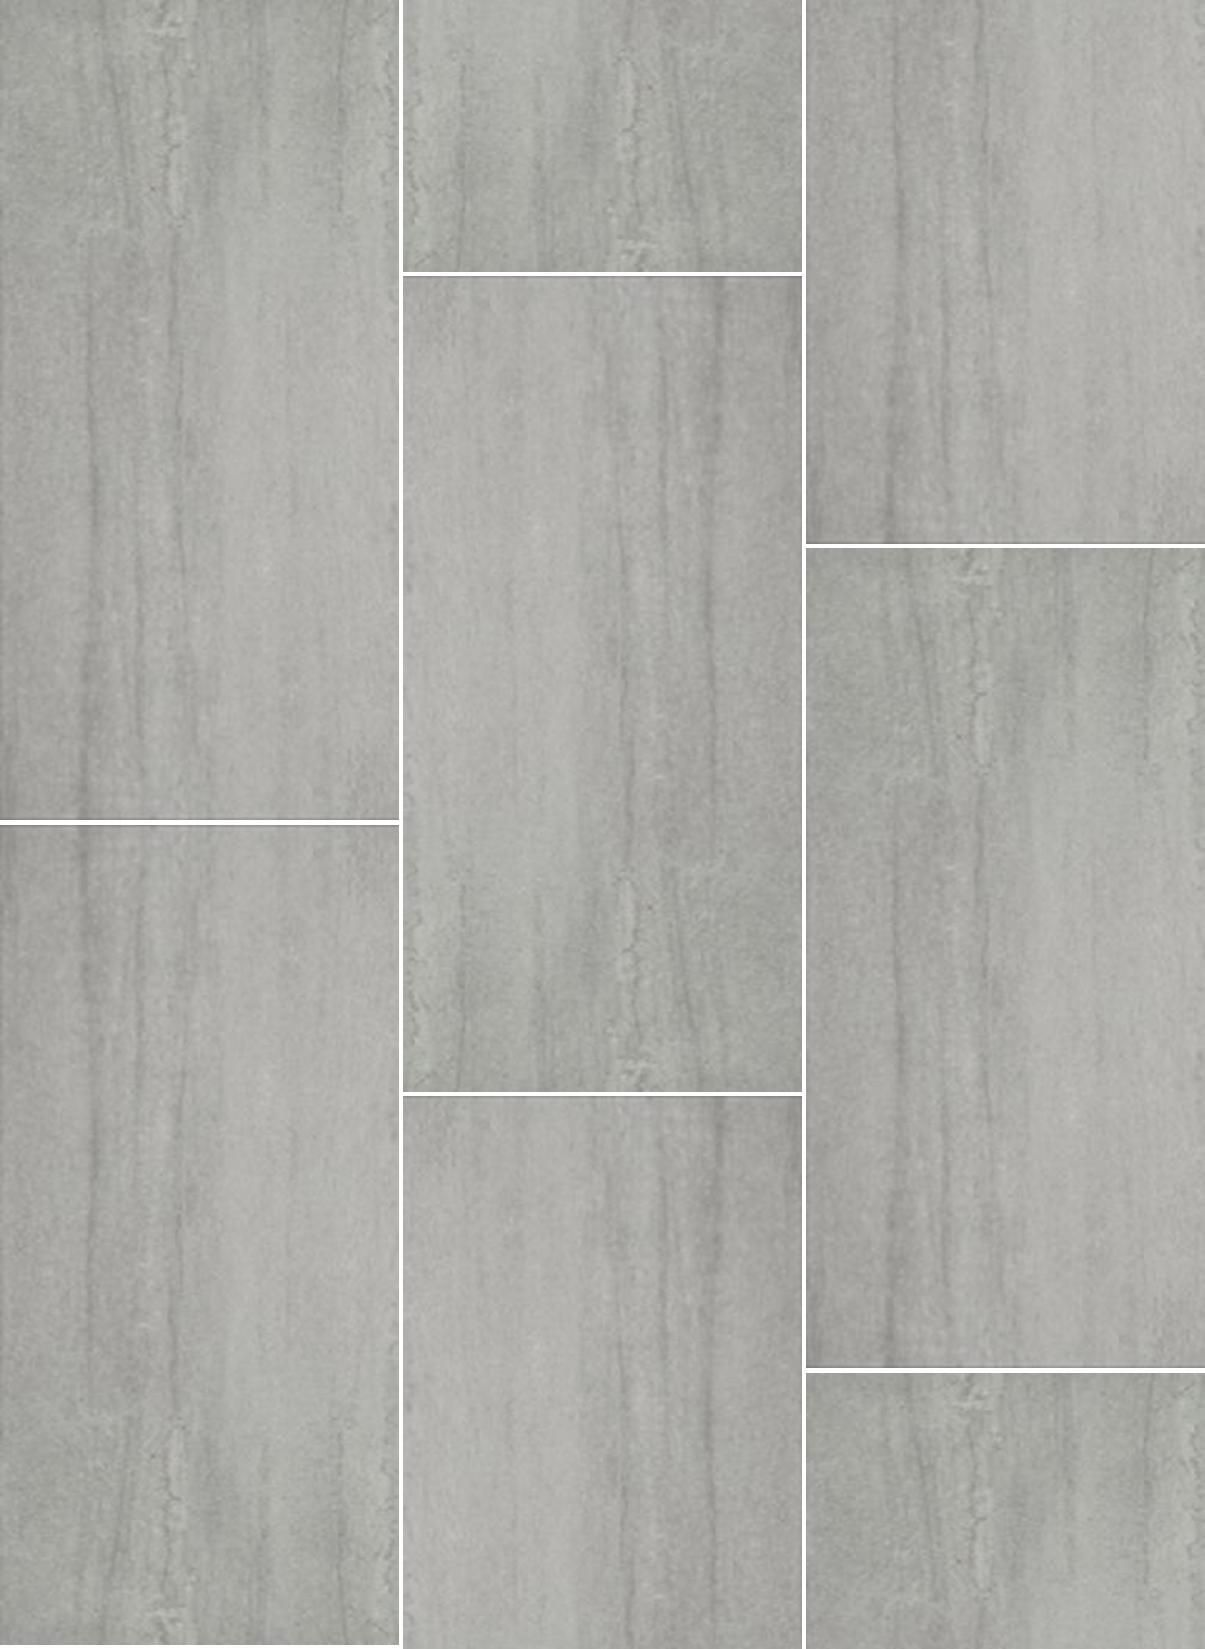 Luxury Modern Kitchen Floor Tiles Texture Grey Floor Tiles Grey